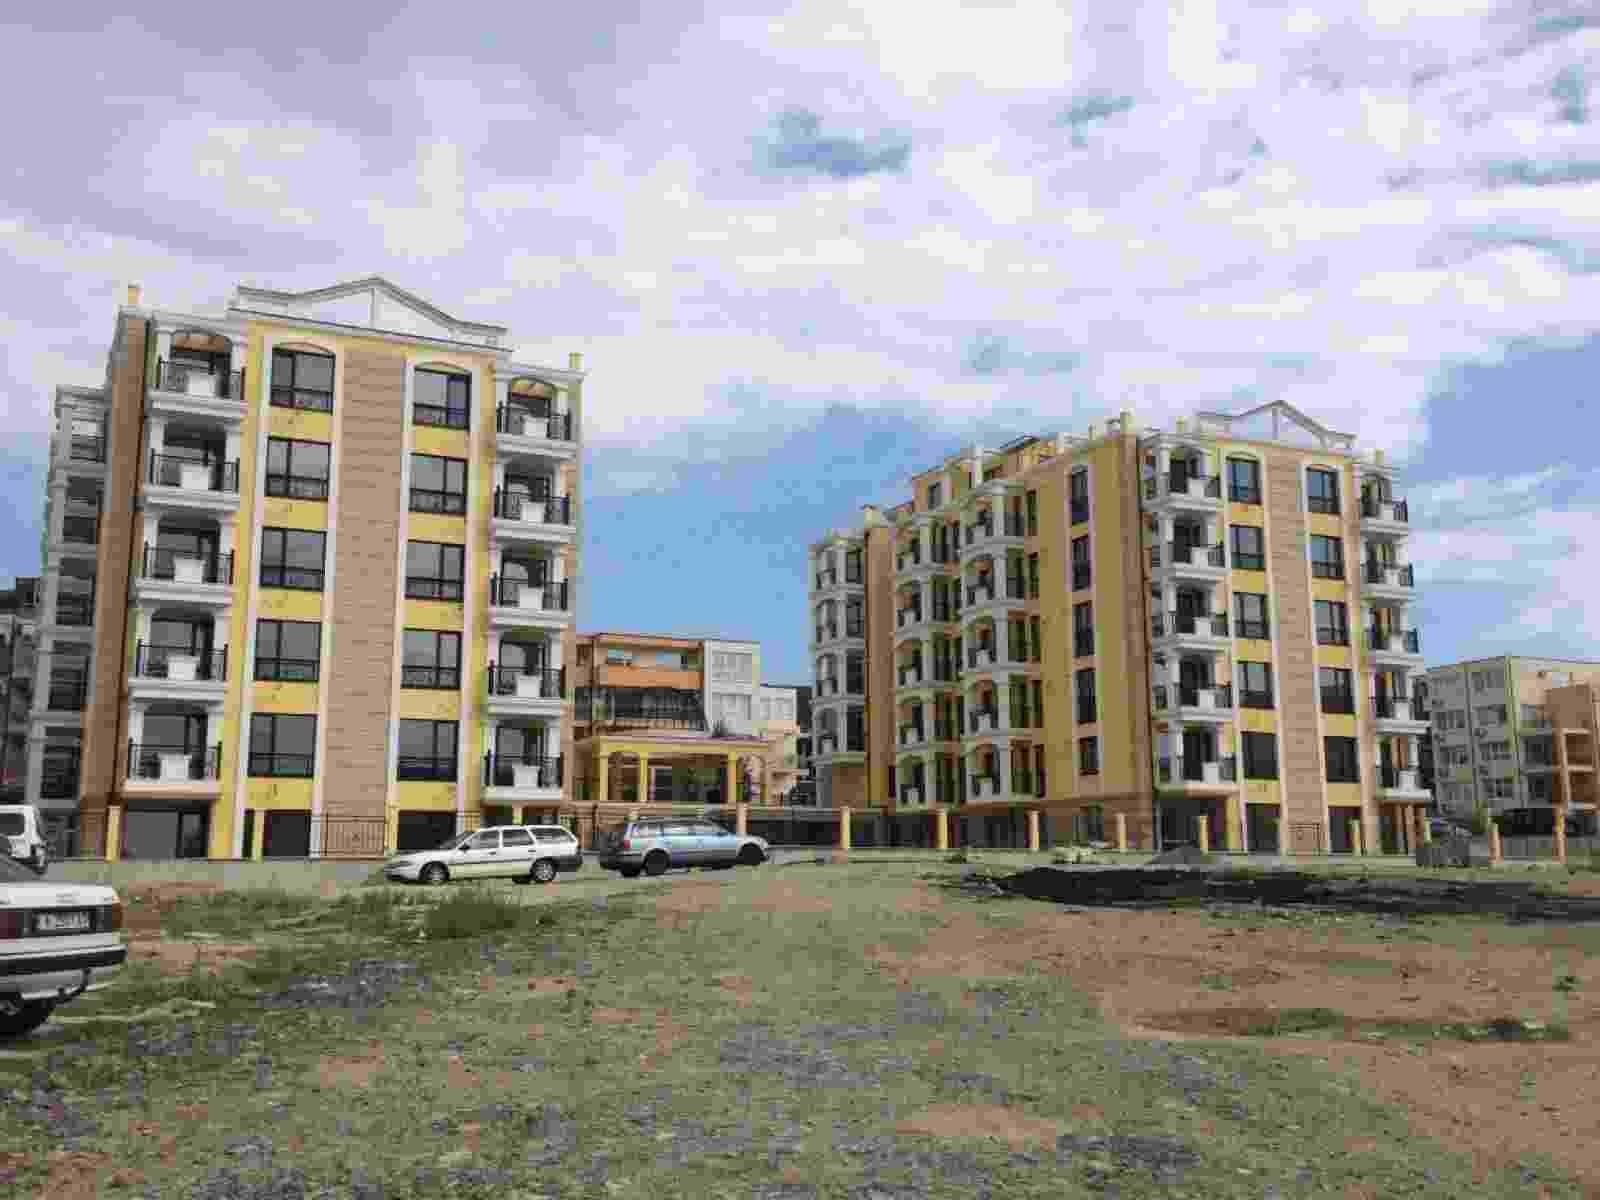 Строящийся жилой комплекс в 300 метрах от моря и 800 метрах от центра города.